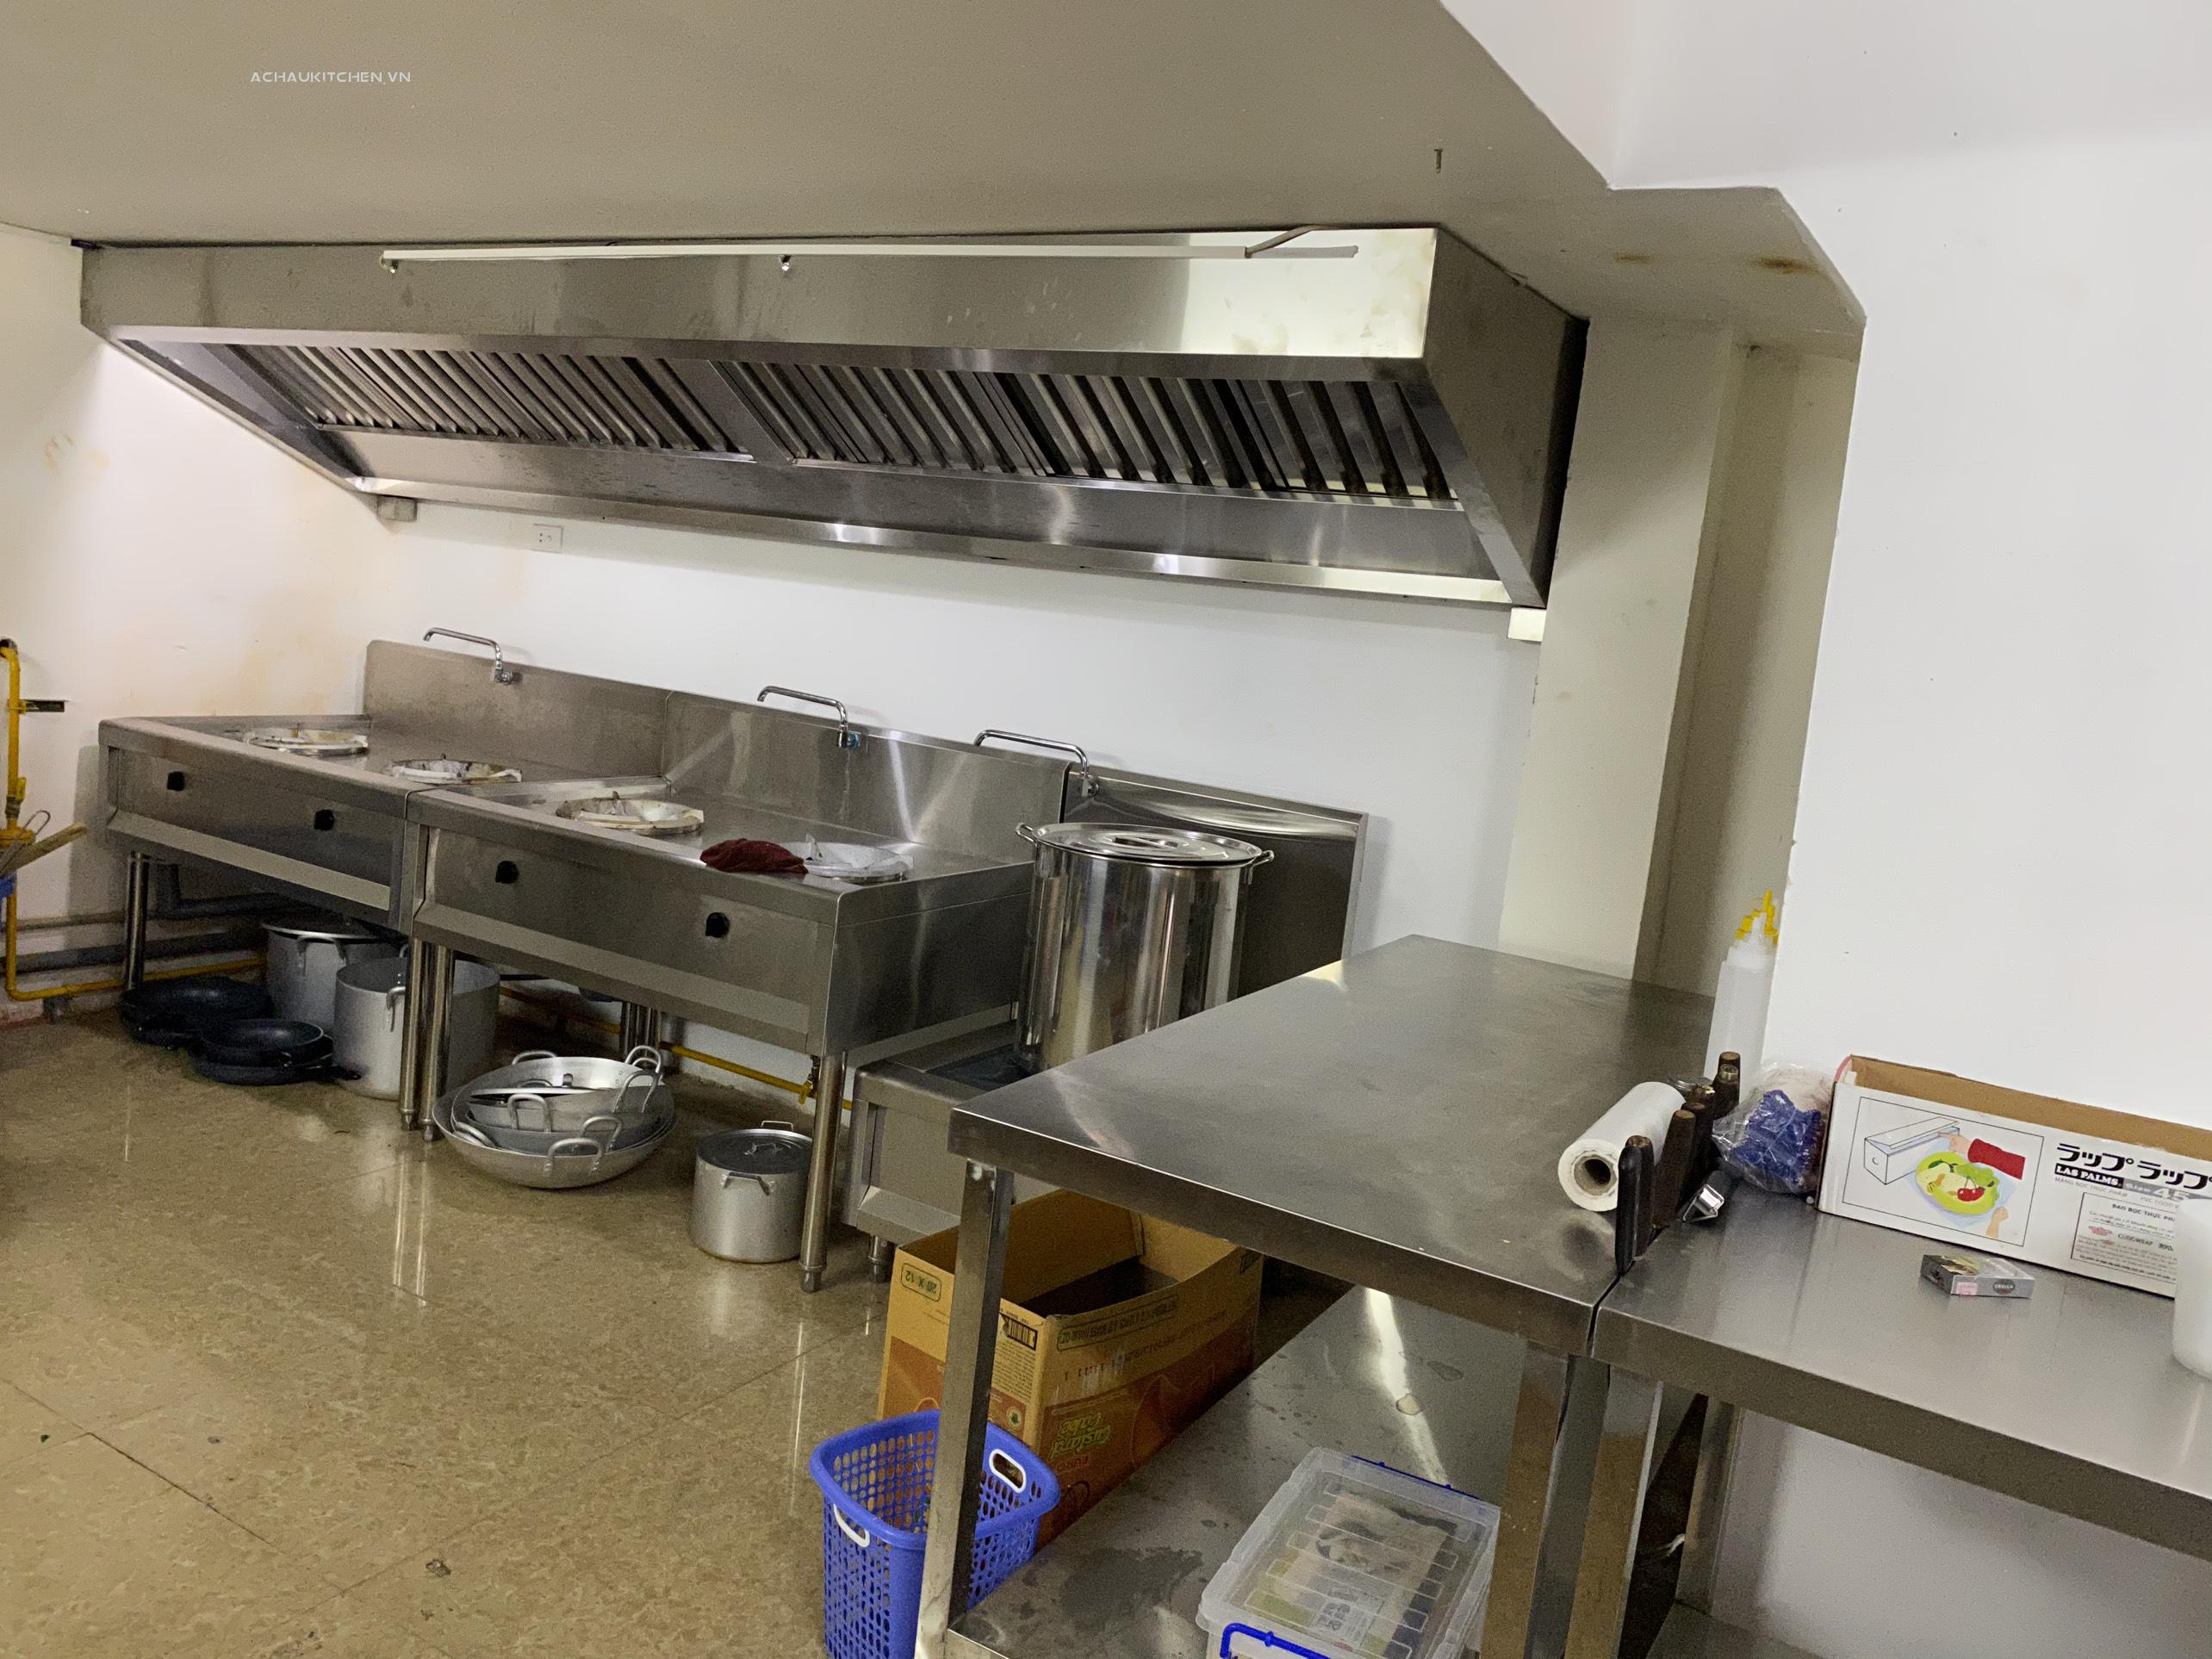 Tum hút mùi bếp công nghiệp nhà hàng (2)